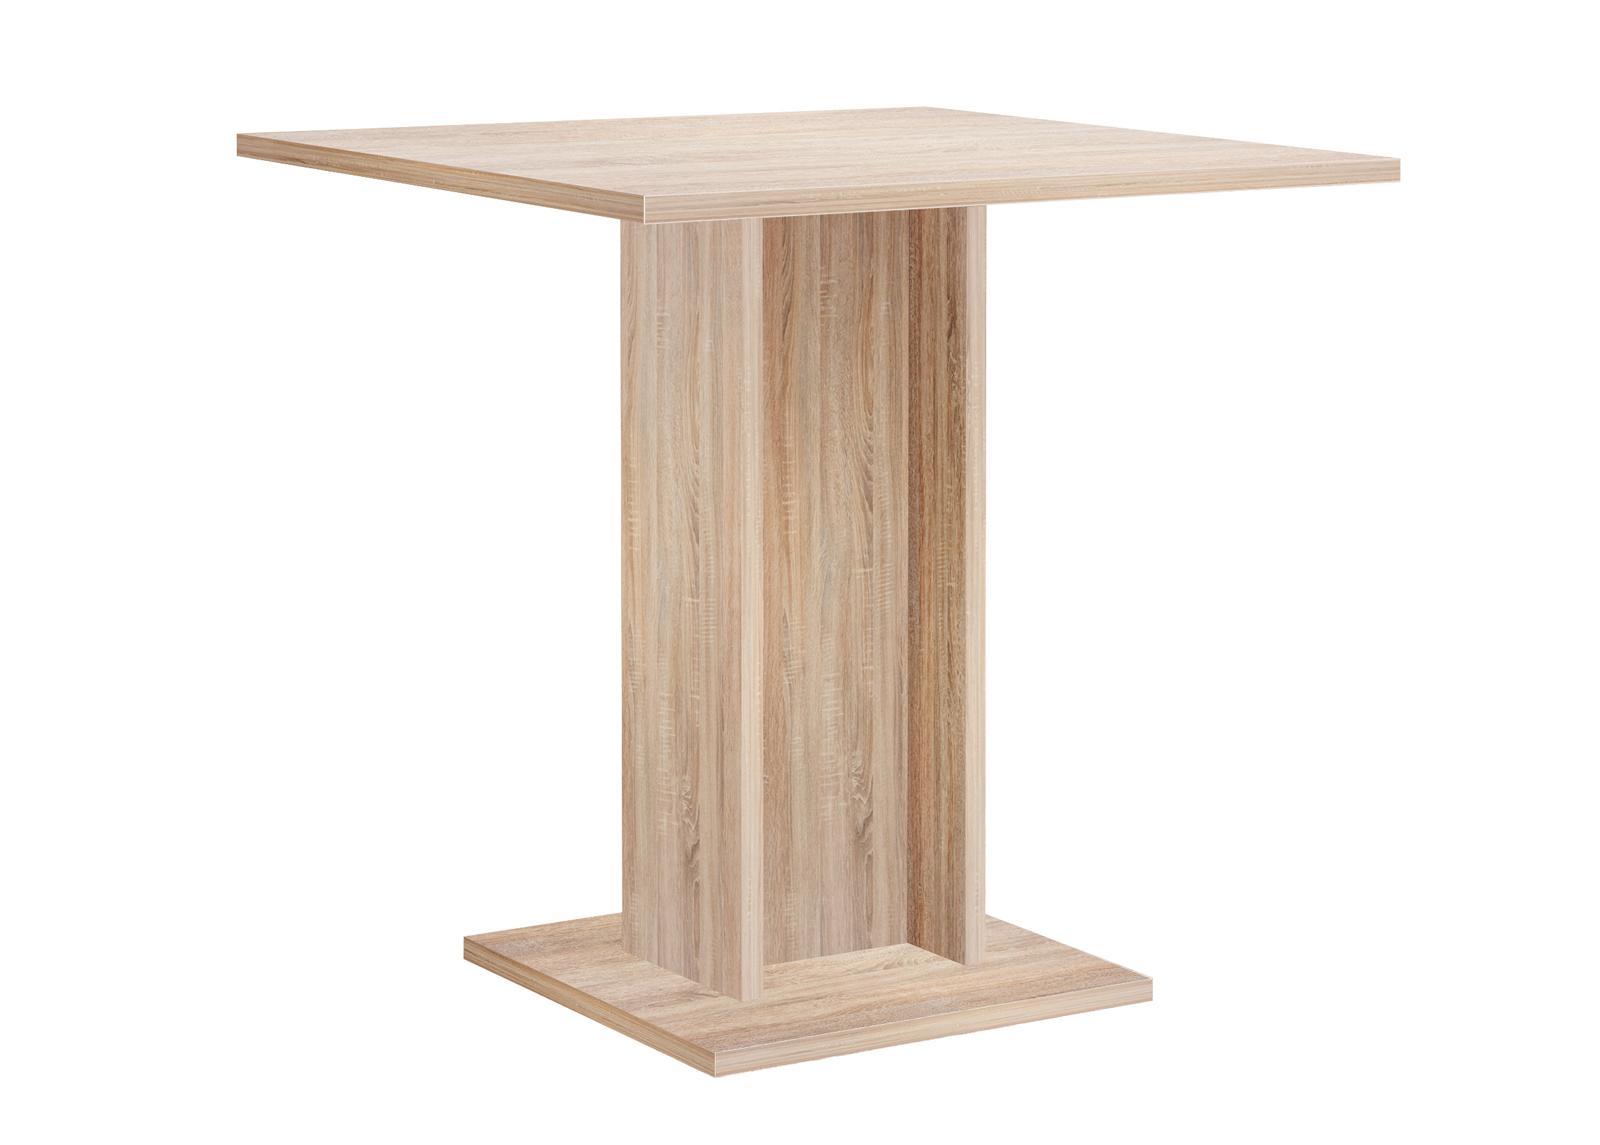 Ruokapöytä DOT 80x80 cm